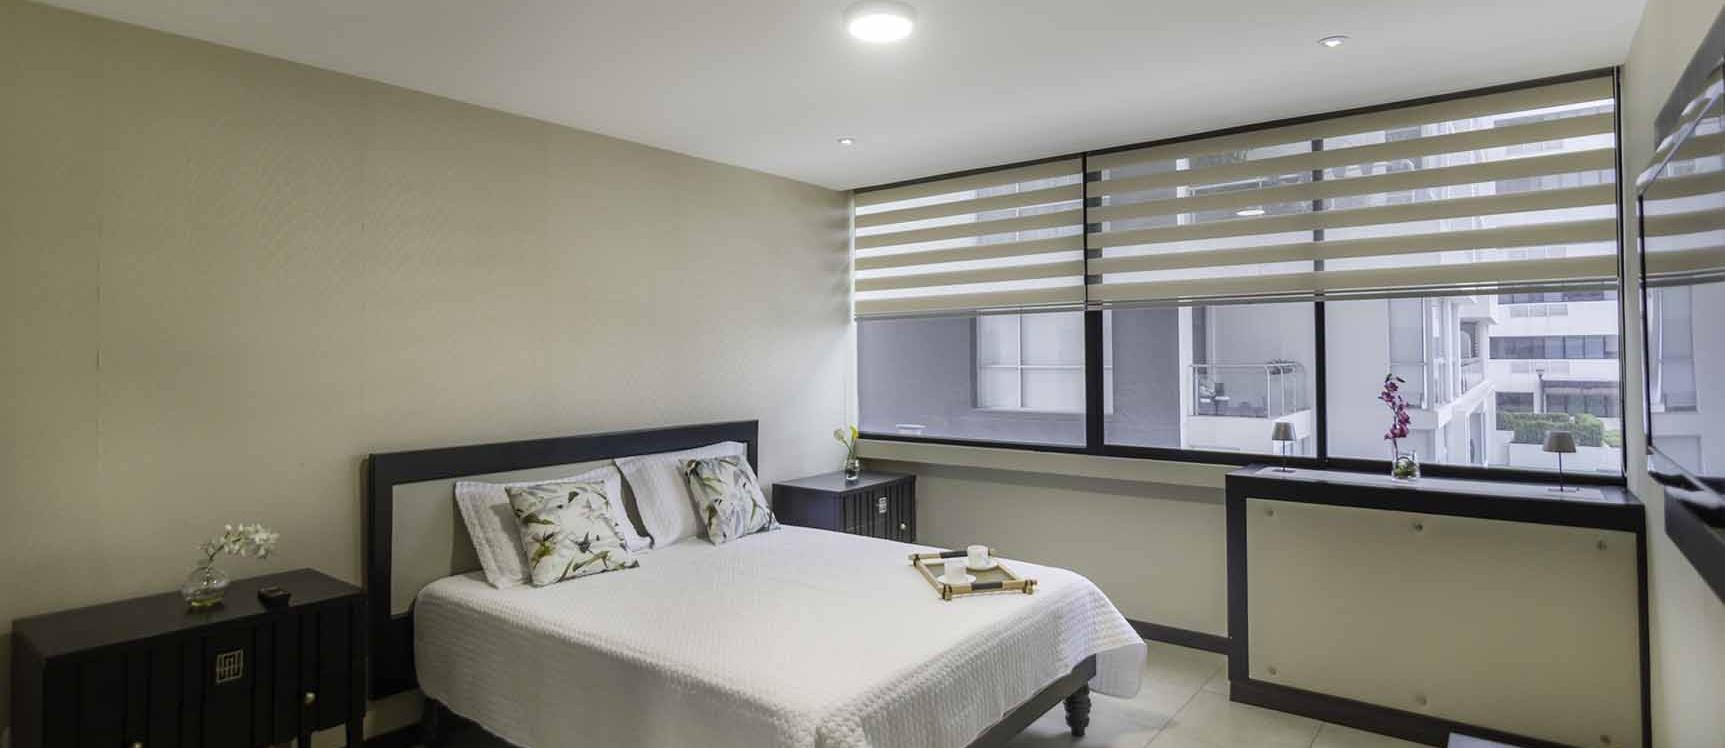 GeoBienes - Departamento en alquiler Edificio Bellini II,  Puerto Santa Ana  - Plusvalia Guayaquil Casas de venta y alquiler Inmobiliaria Ecuador